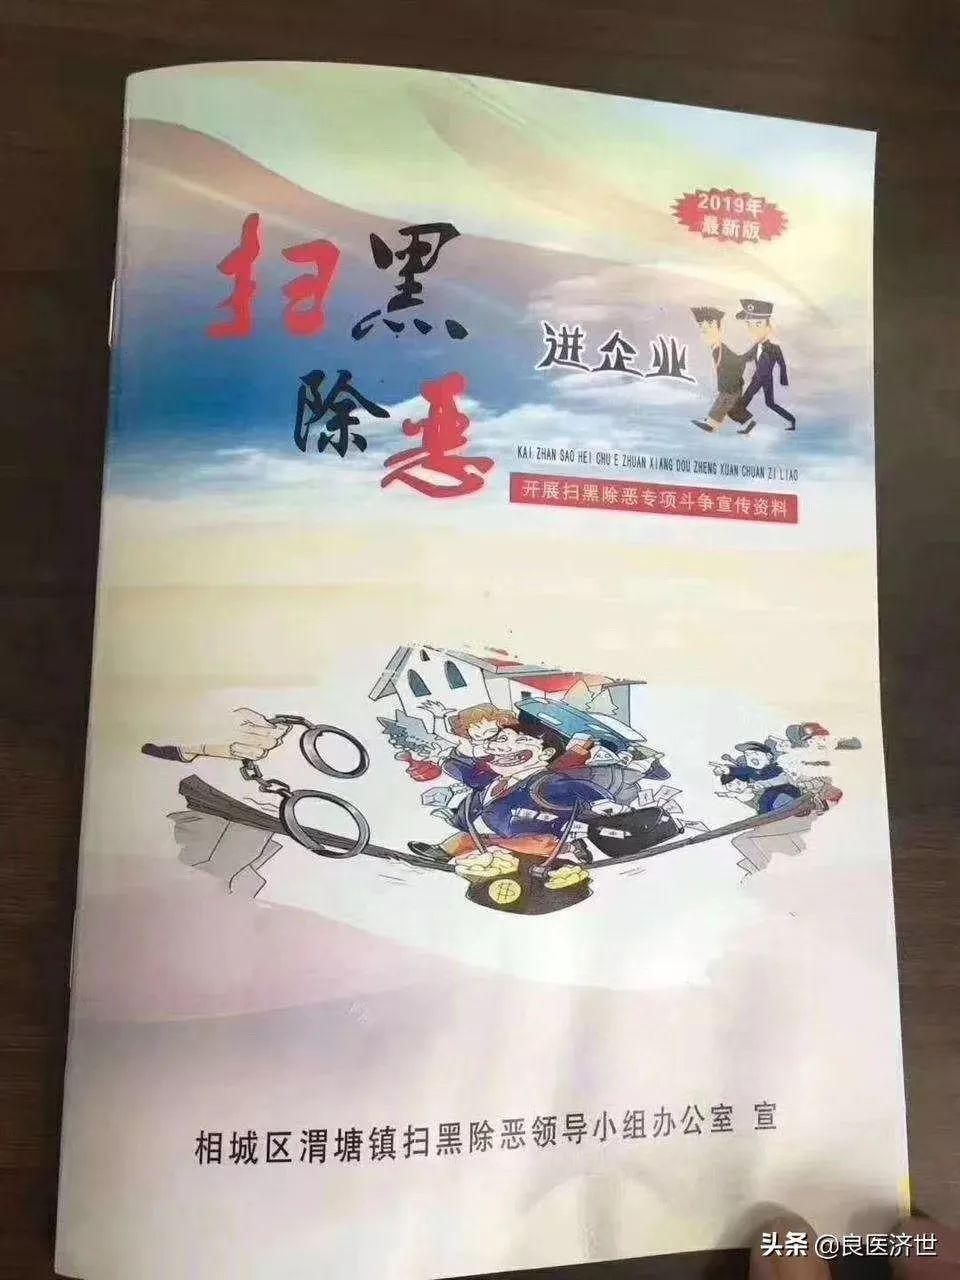 医生被列入中国十大黑心企业之首?希望您能看到医生最真实的一面!